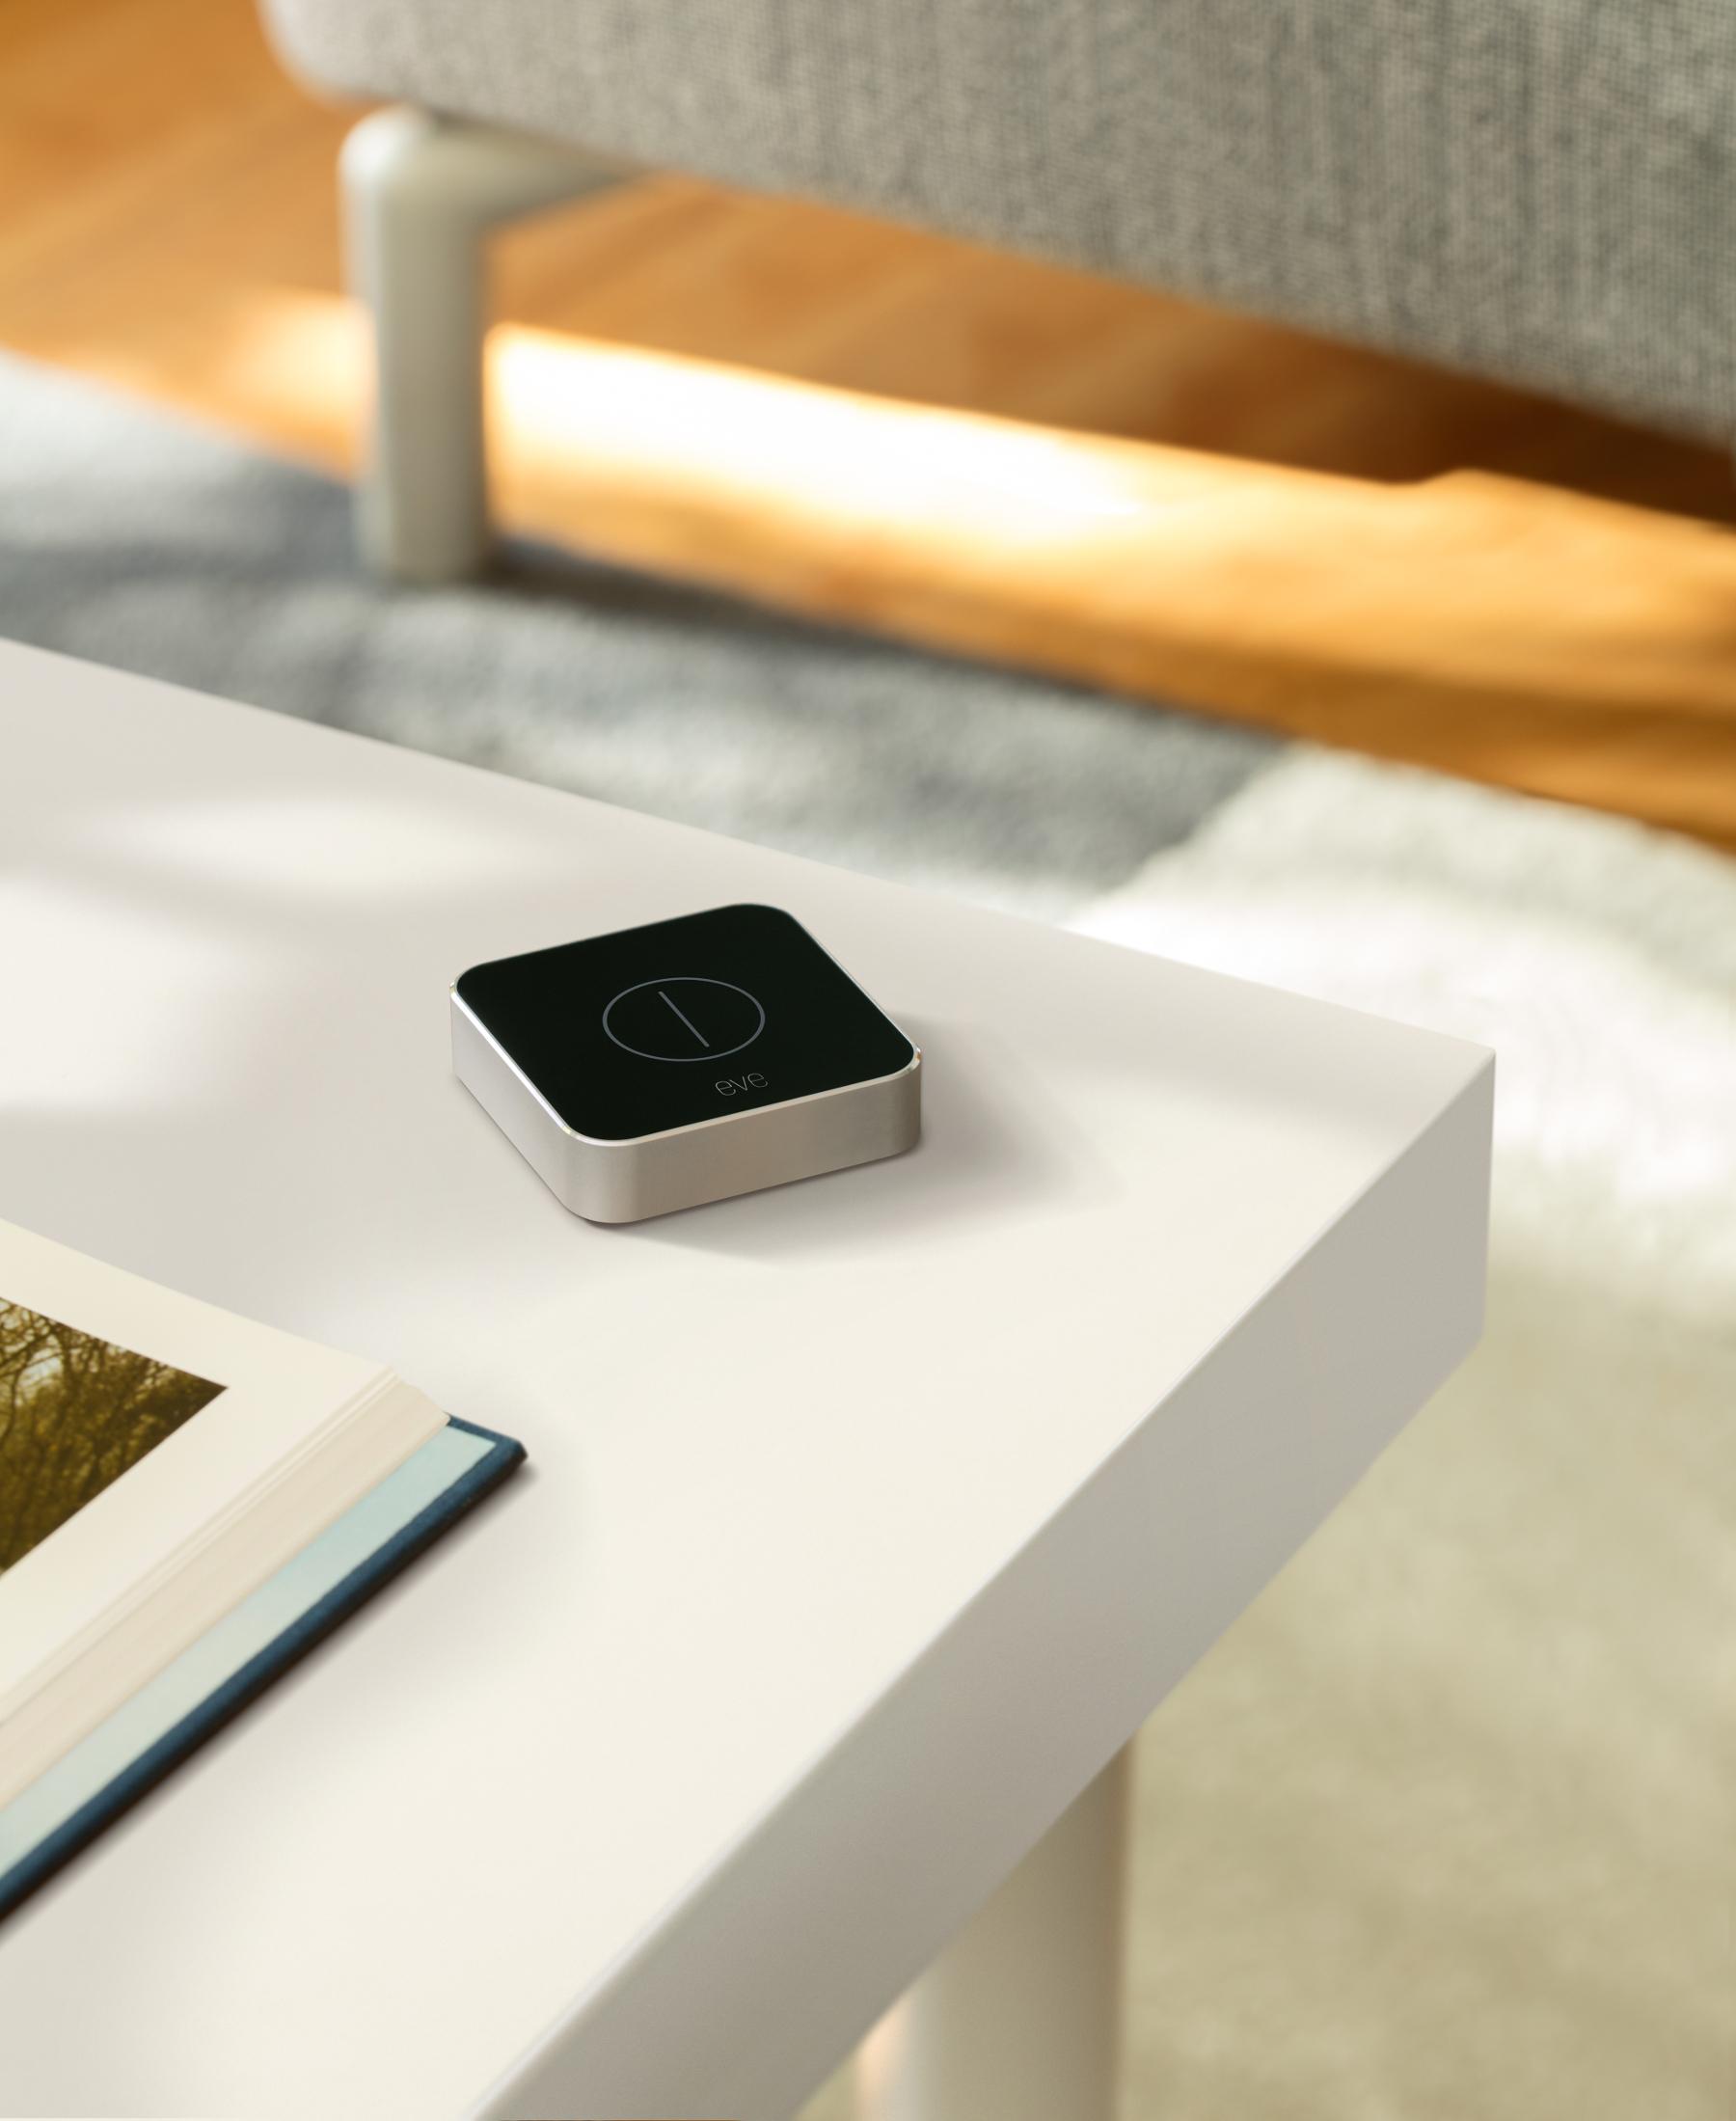 HomeKit Tipp: Schalter mehrfach belegen